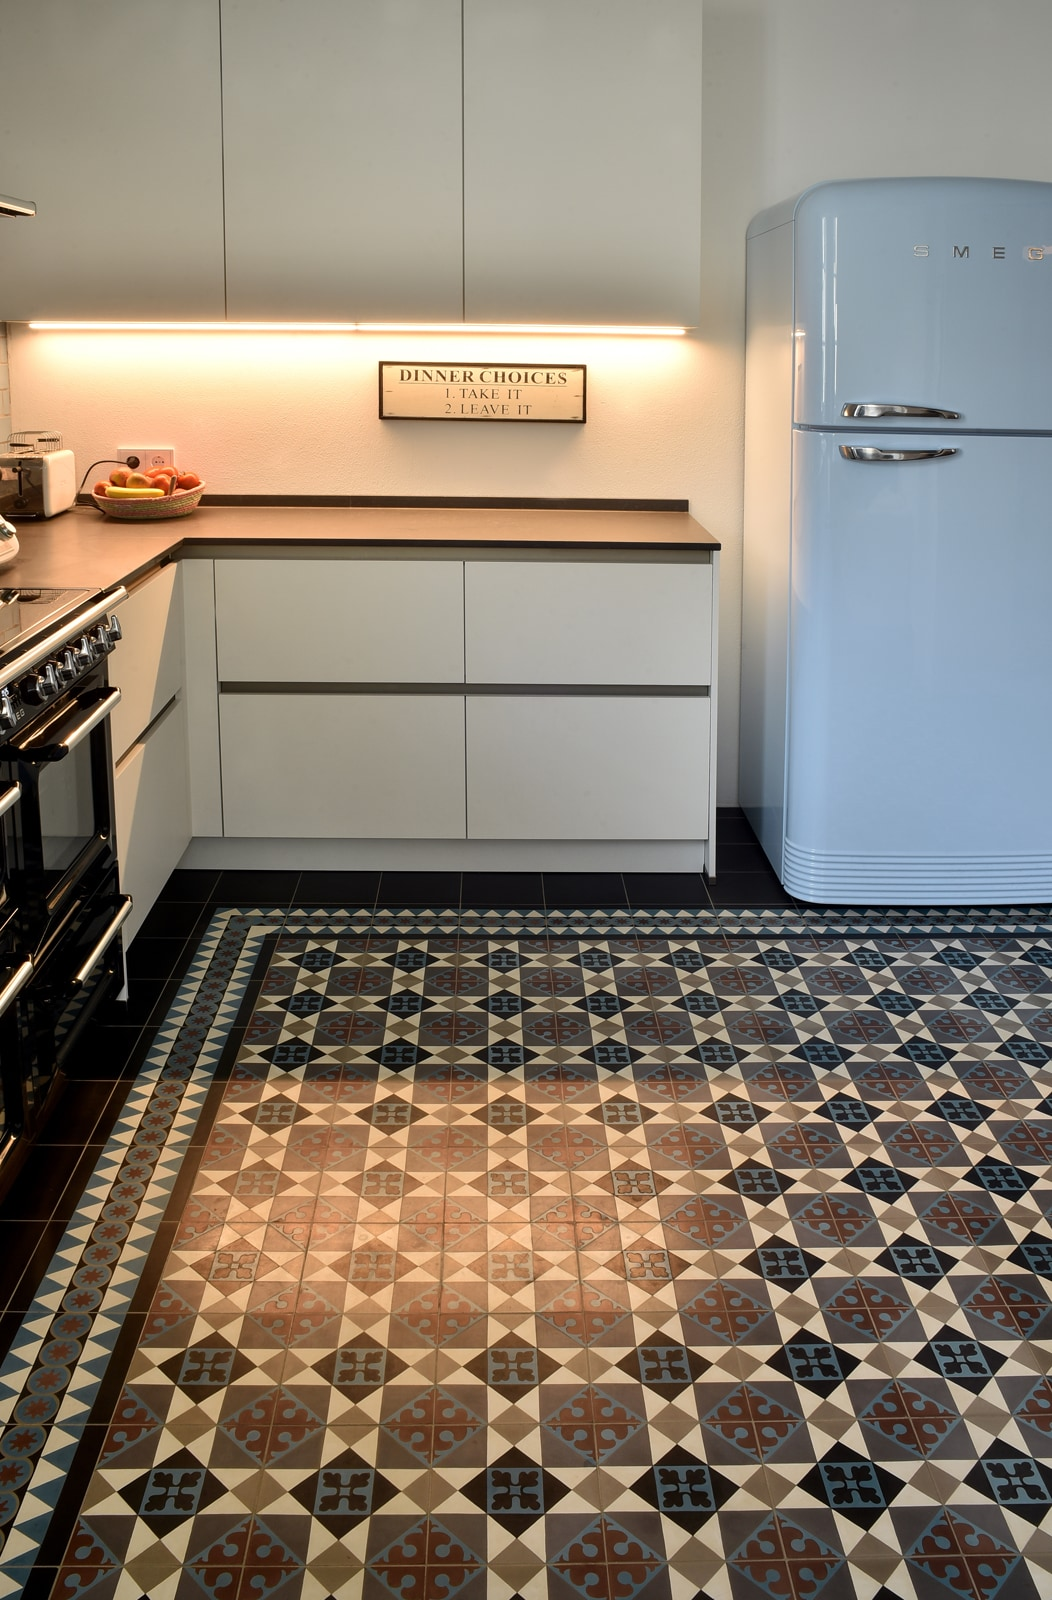 VIA-zementmosaikplatte-nummer-12572-S.Fischbacher-Living-Küche-via-gmbh-03 |